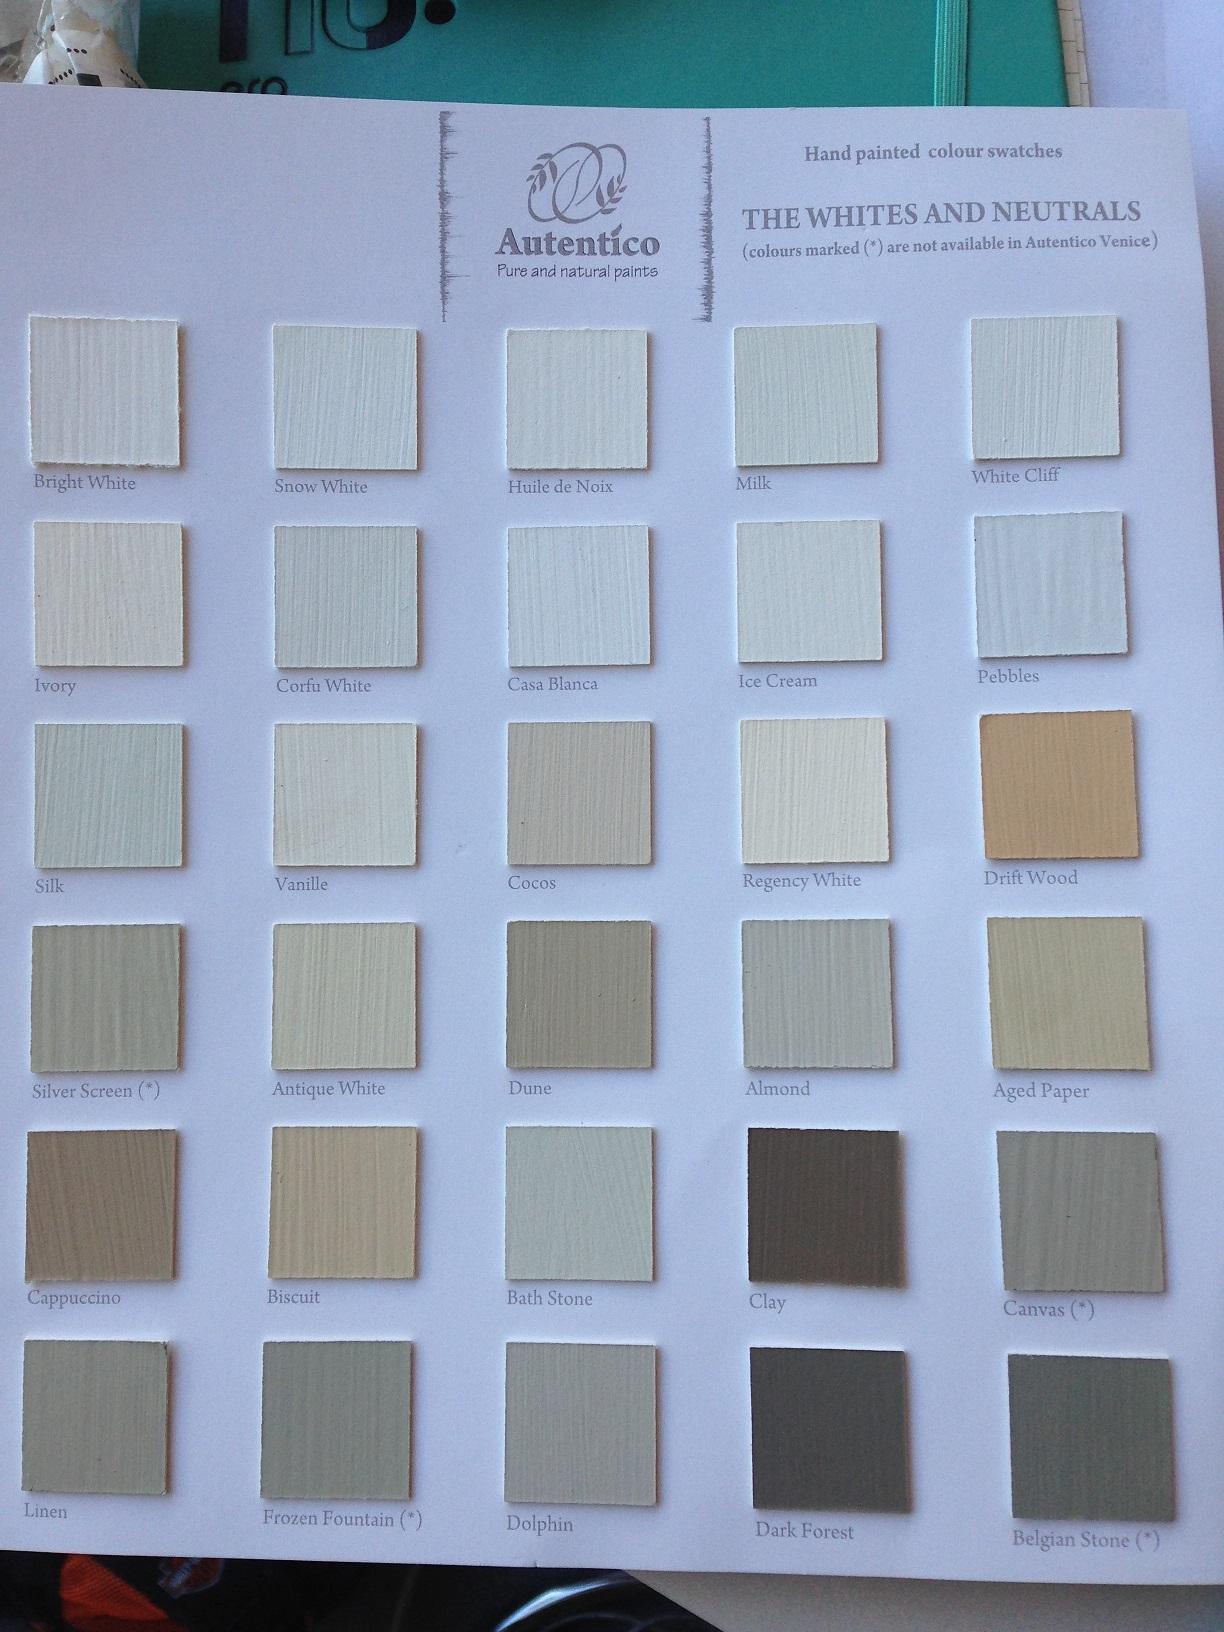 Autentico Vintage Chalk Paint THE WHITES AND NEUTRALS PART 2